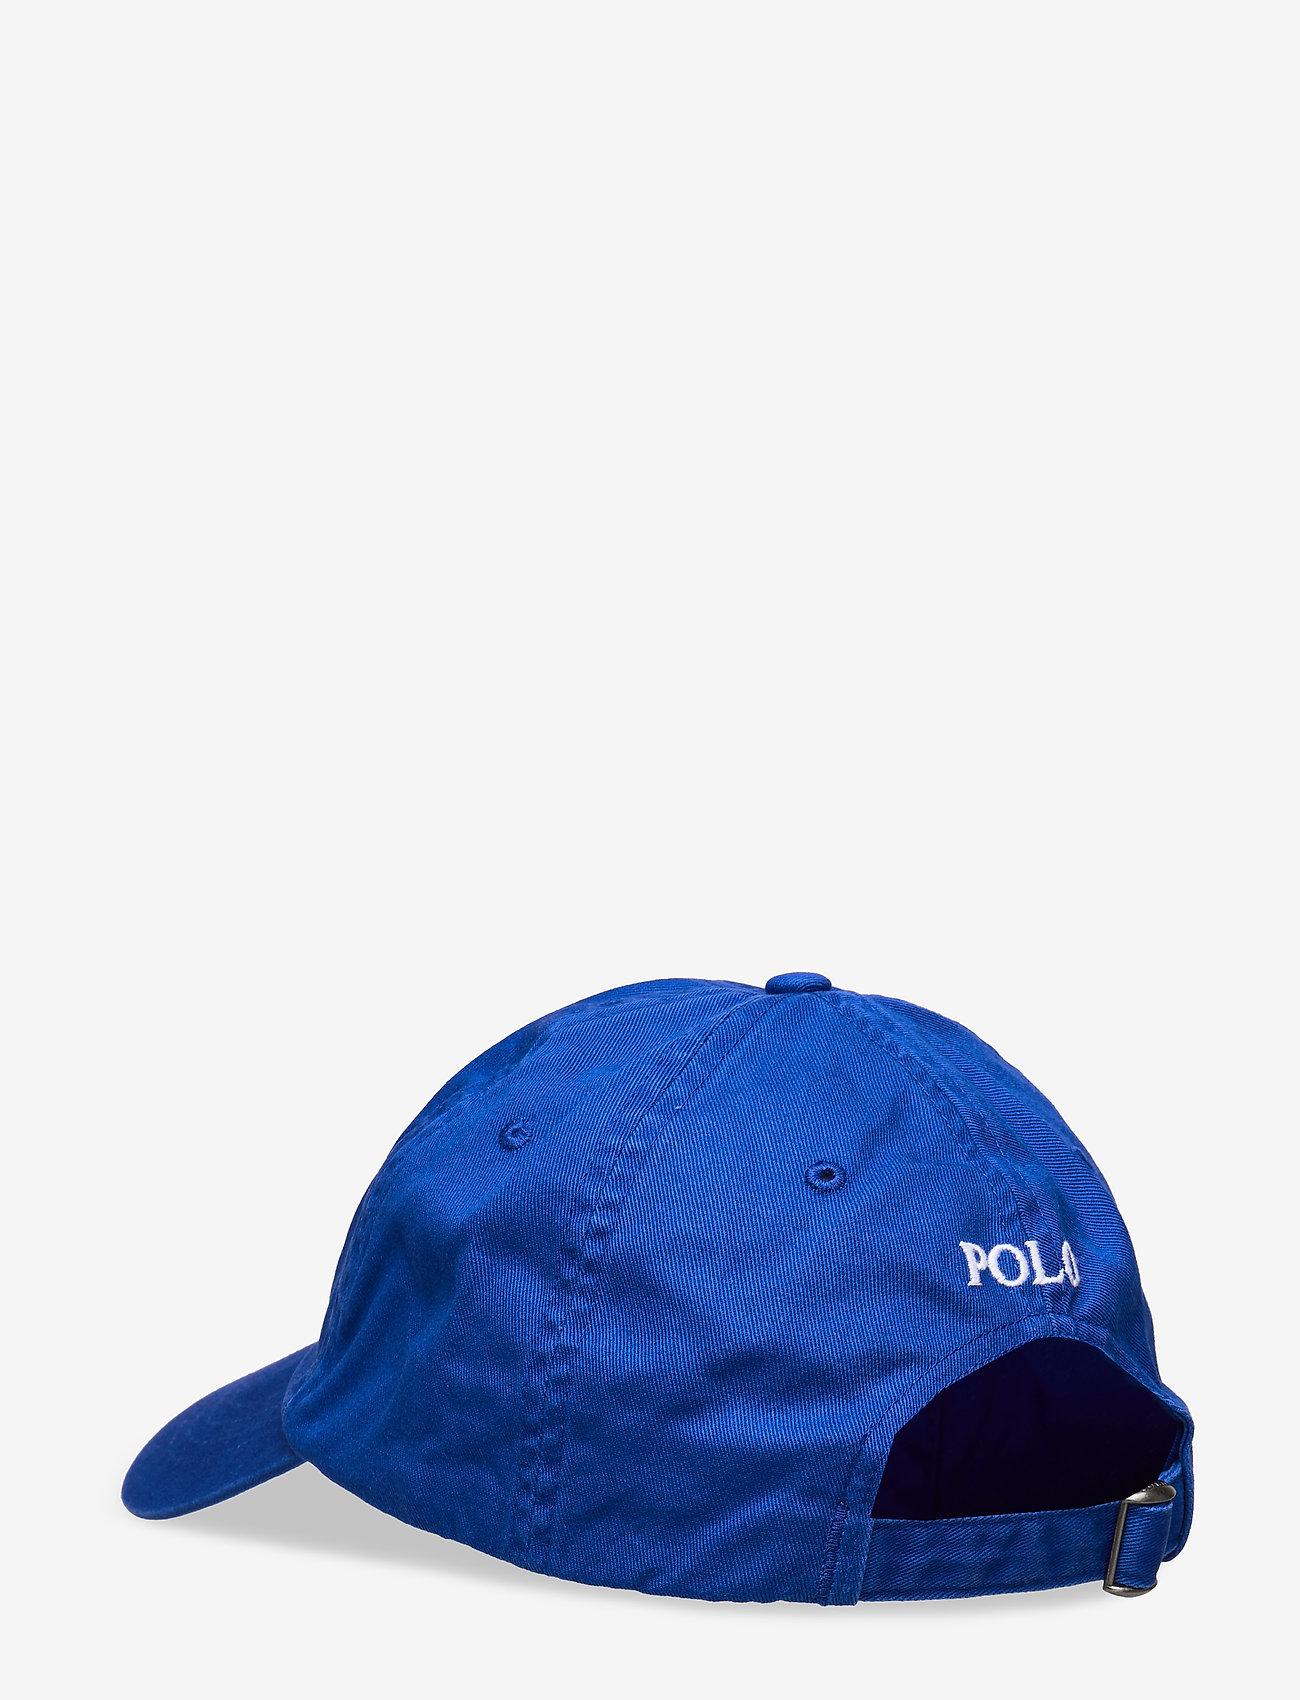 Polo Ralph Lauren Cotton Chino Baseball Cap - Czapki i kapelusze PACIFIC ROYAL - Akcesoria